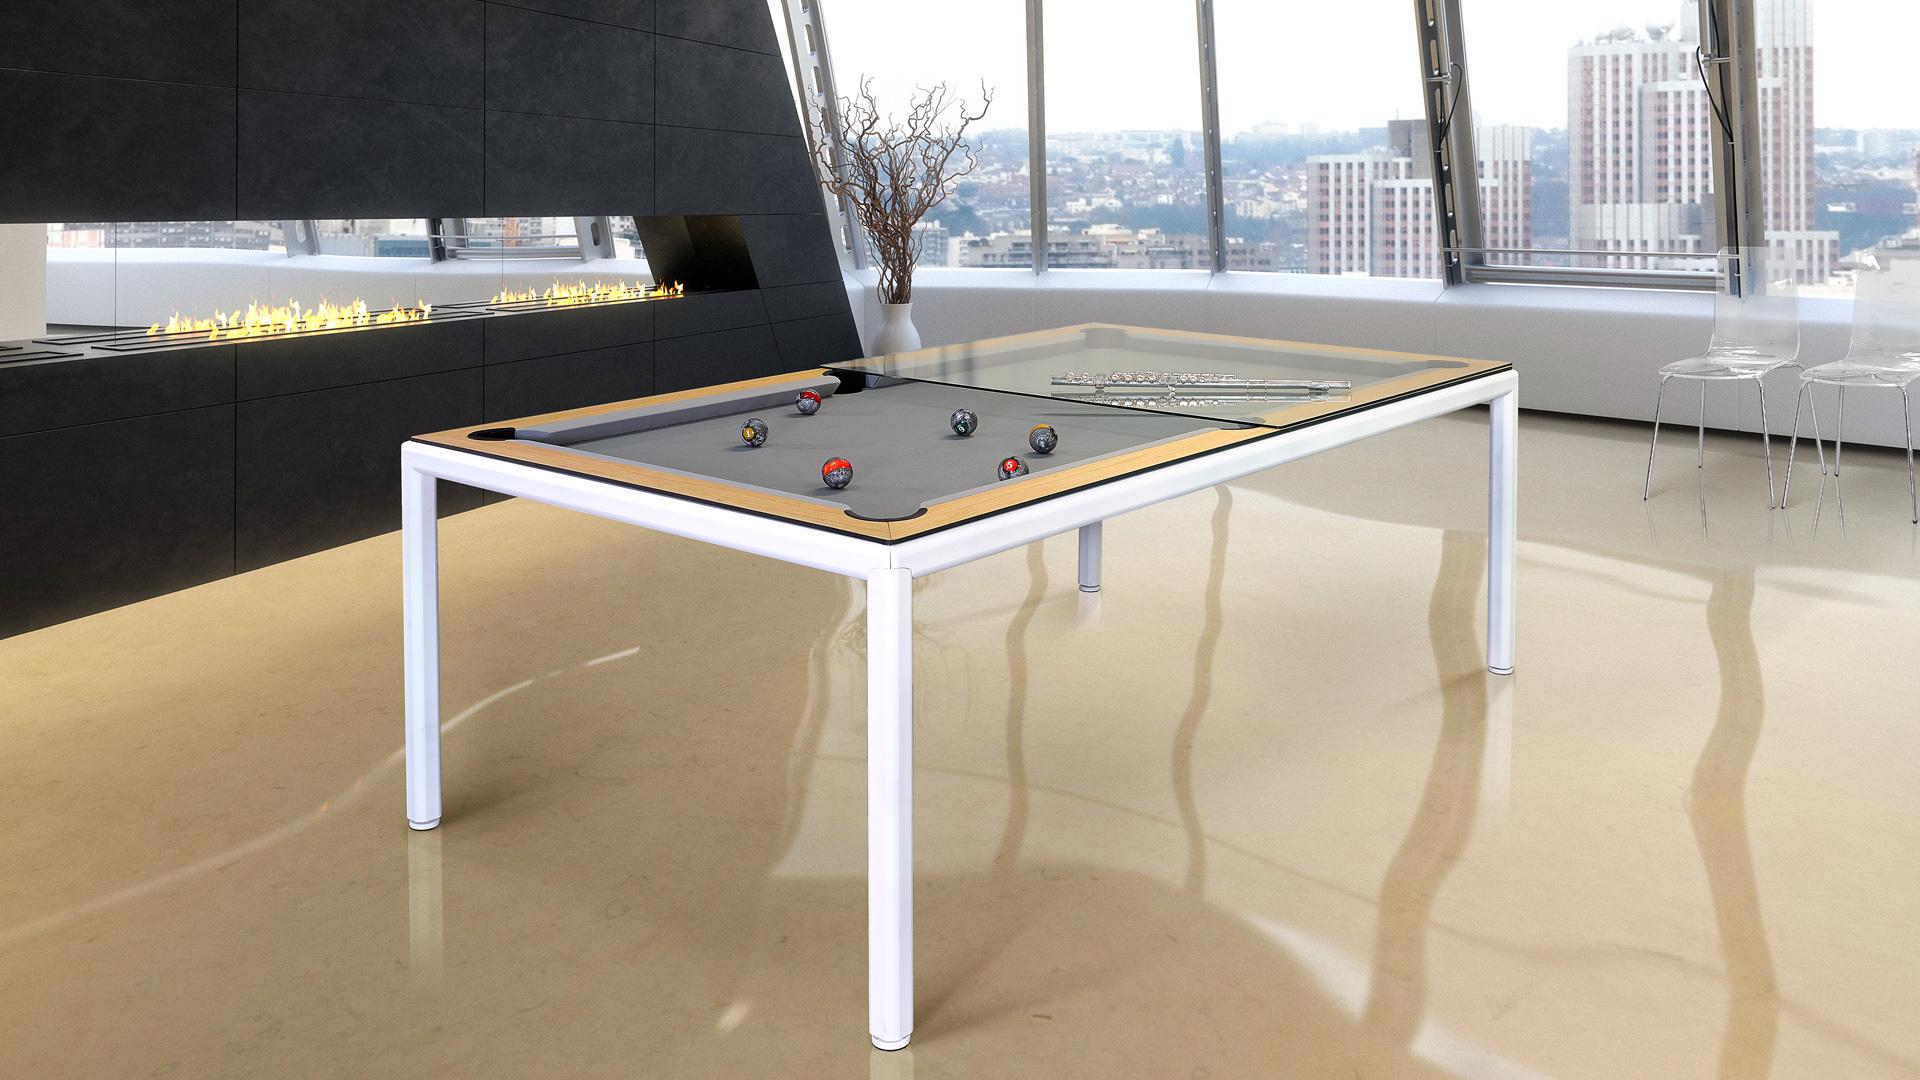 Slimline Pool Table – Luxury Pool Tables